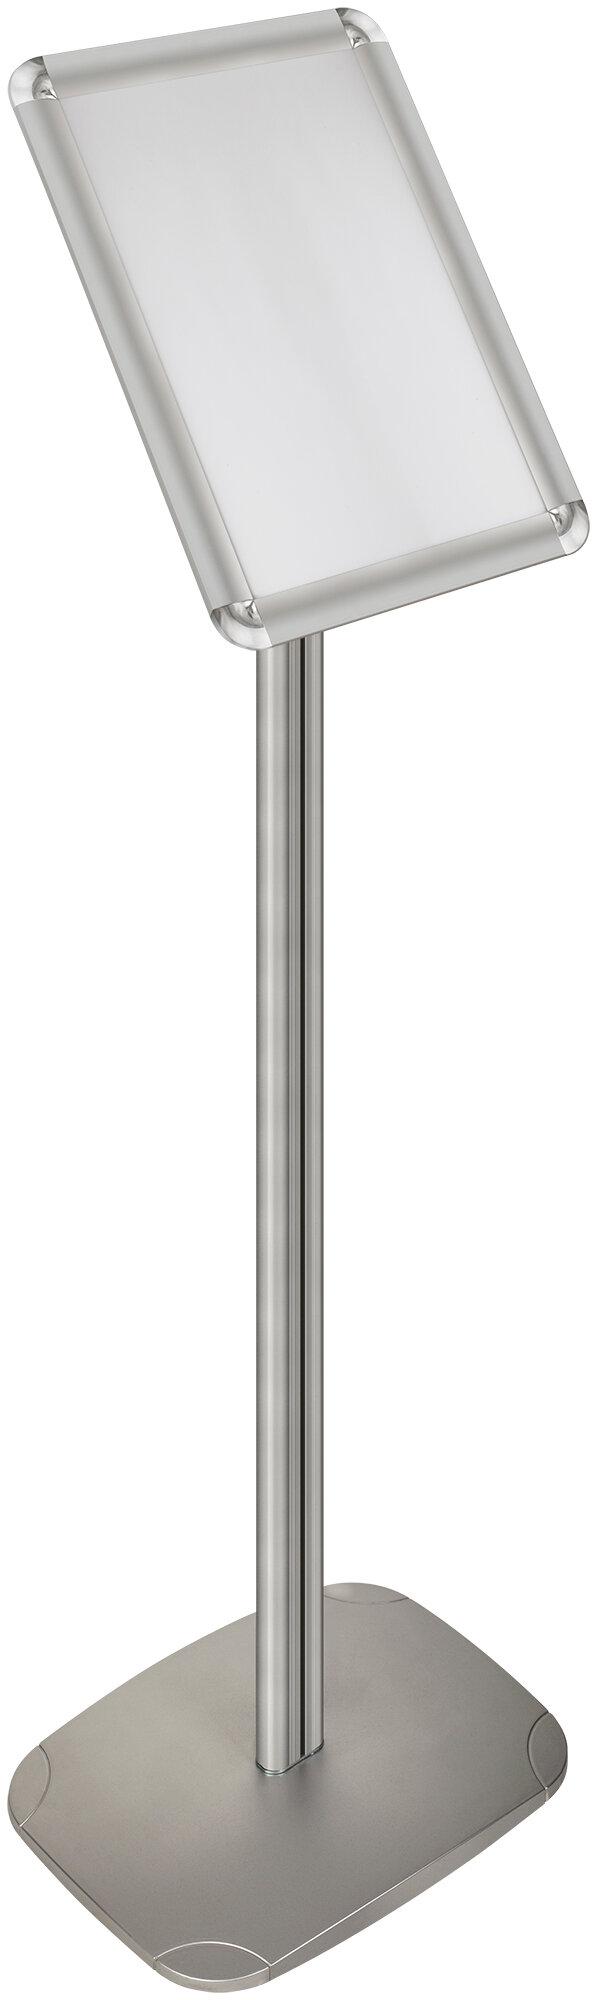 Светосила POS Стойка 1 метр с рамкой 21x30 (А4) алюминий-клик под углом 55 гр.